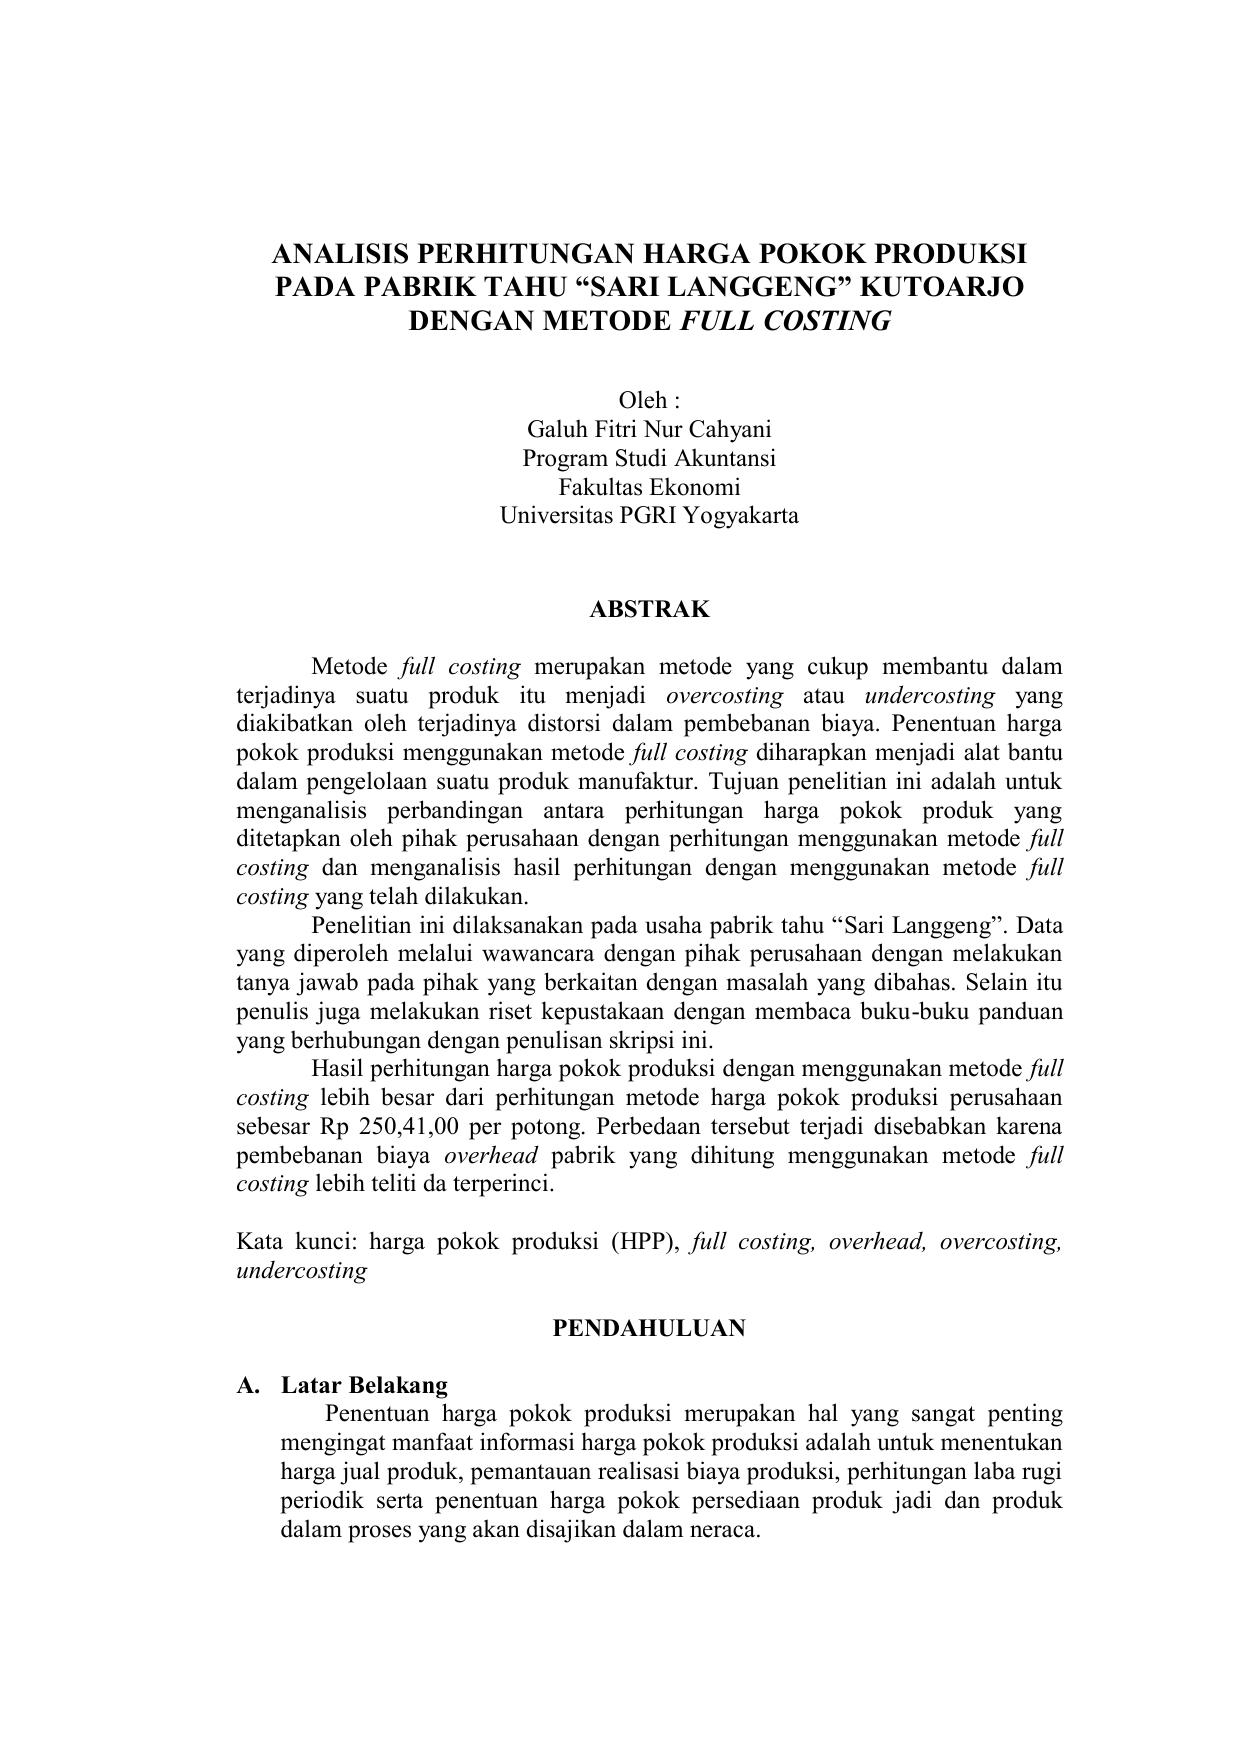 Analisis Perhitungan Harga Pokok Produksi Pada Pabrik Tahu